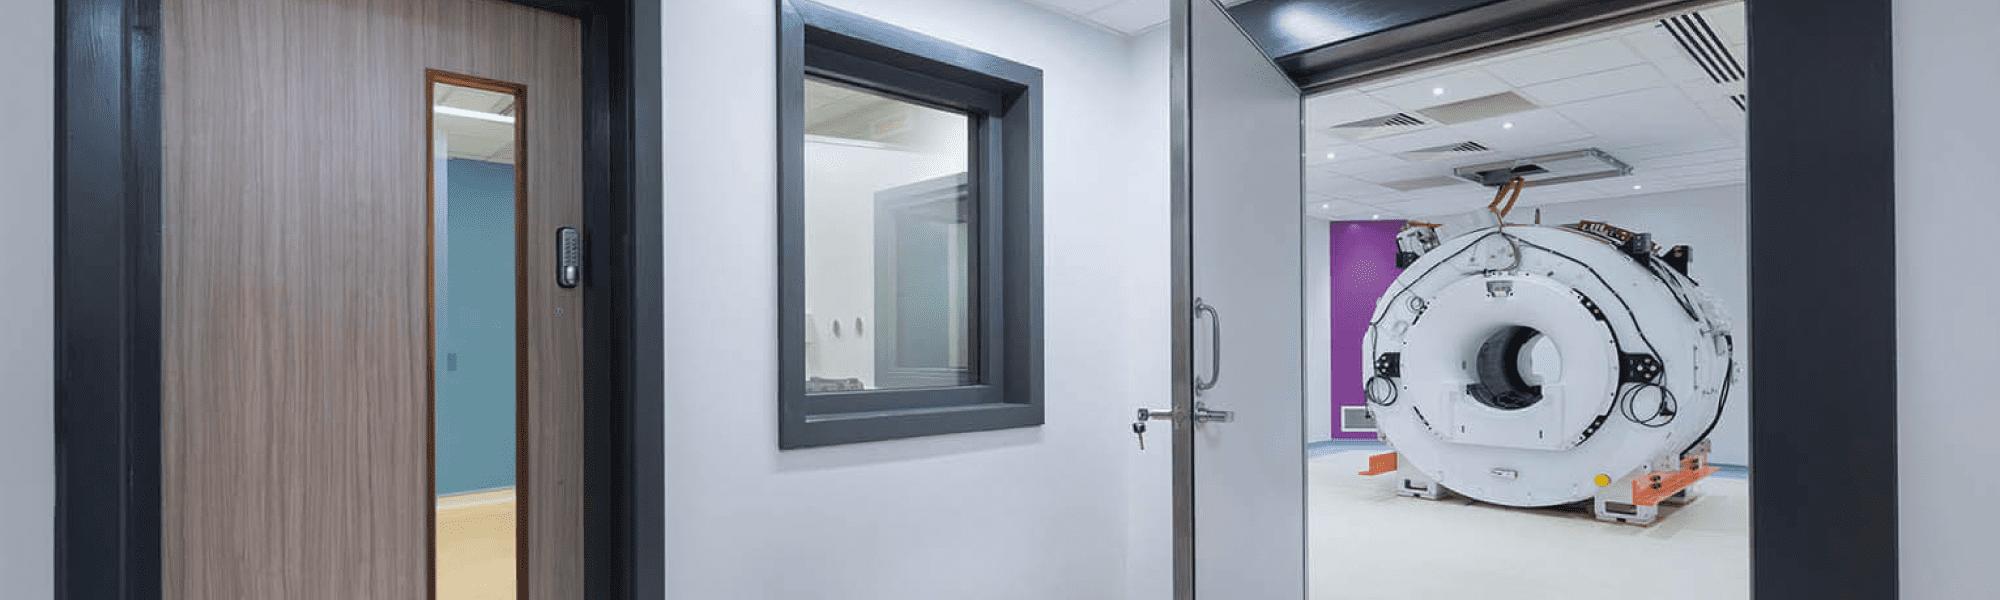 FD60 Fire Door & Door Sets